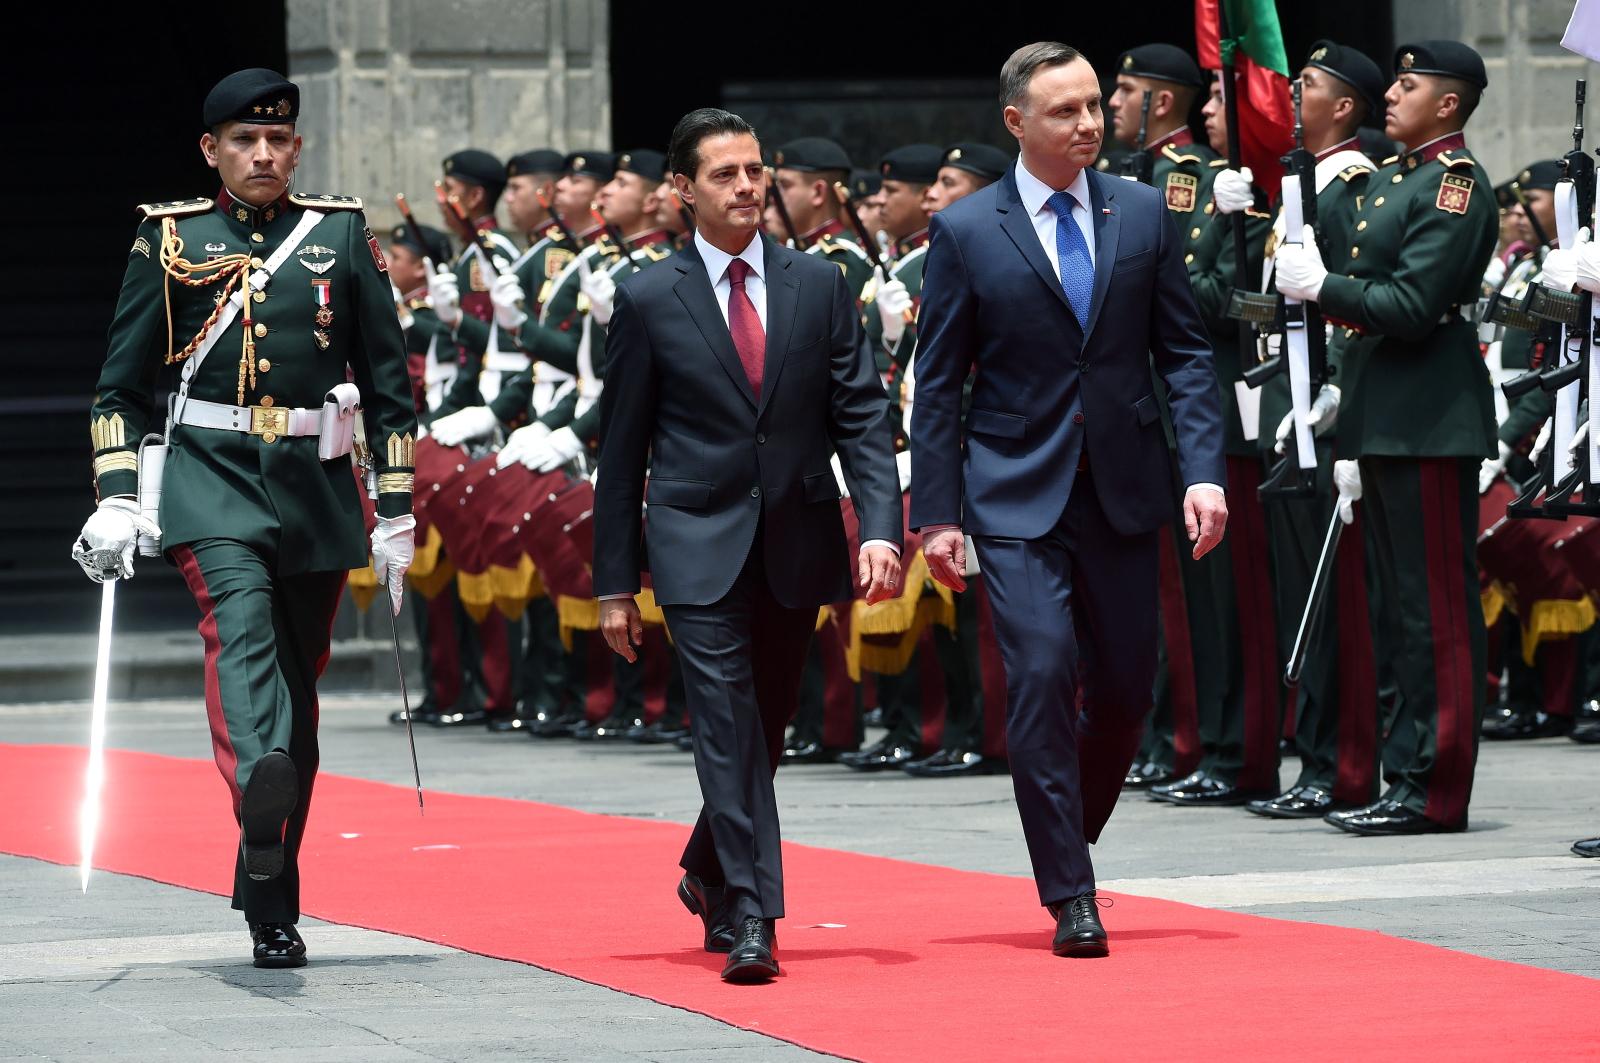 Ceremonia powitania prezydenta Andrzeja Dudy z prezydentem Meksyku Enrique Pena Nieto na dziedzińcu Pałacu Narodowego w stolicy Meksyku.